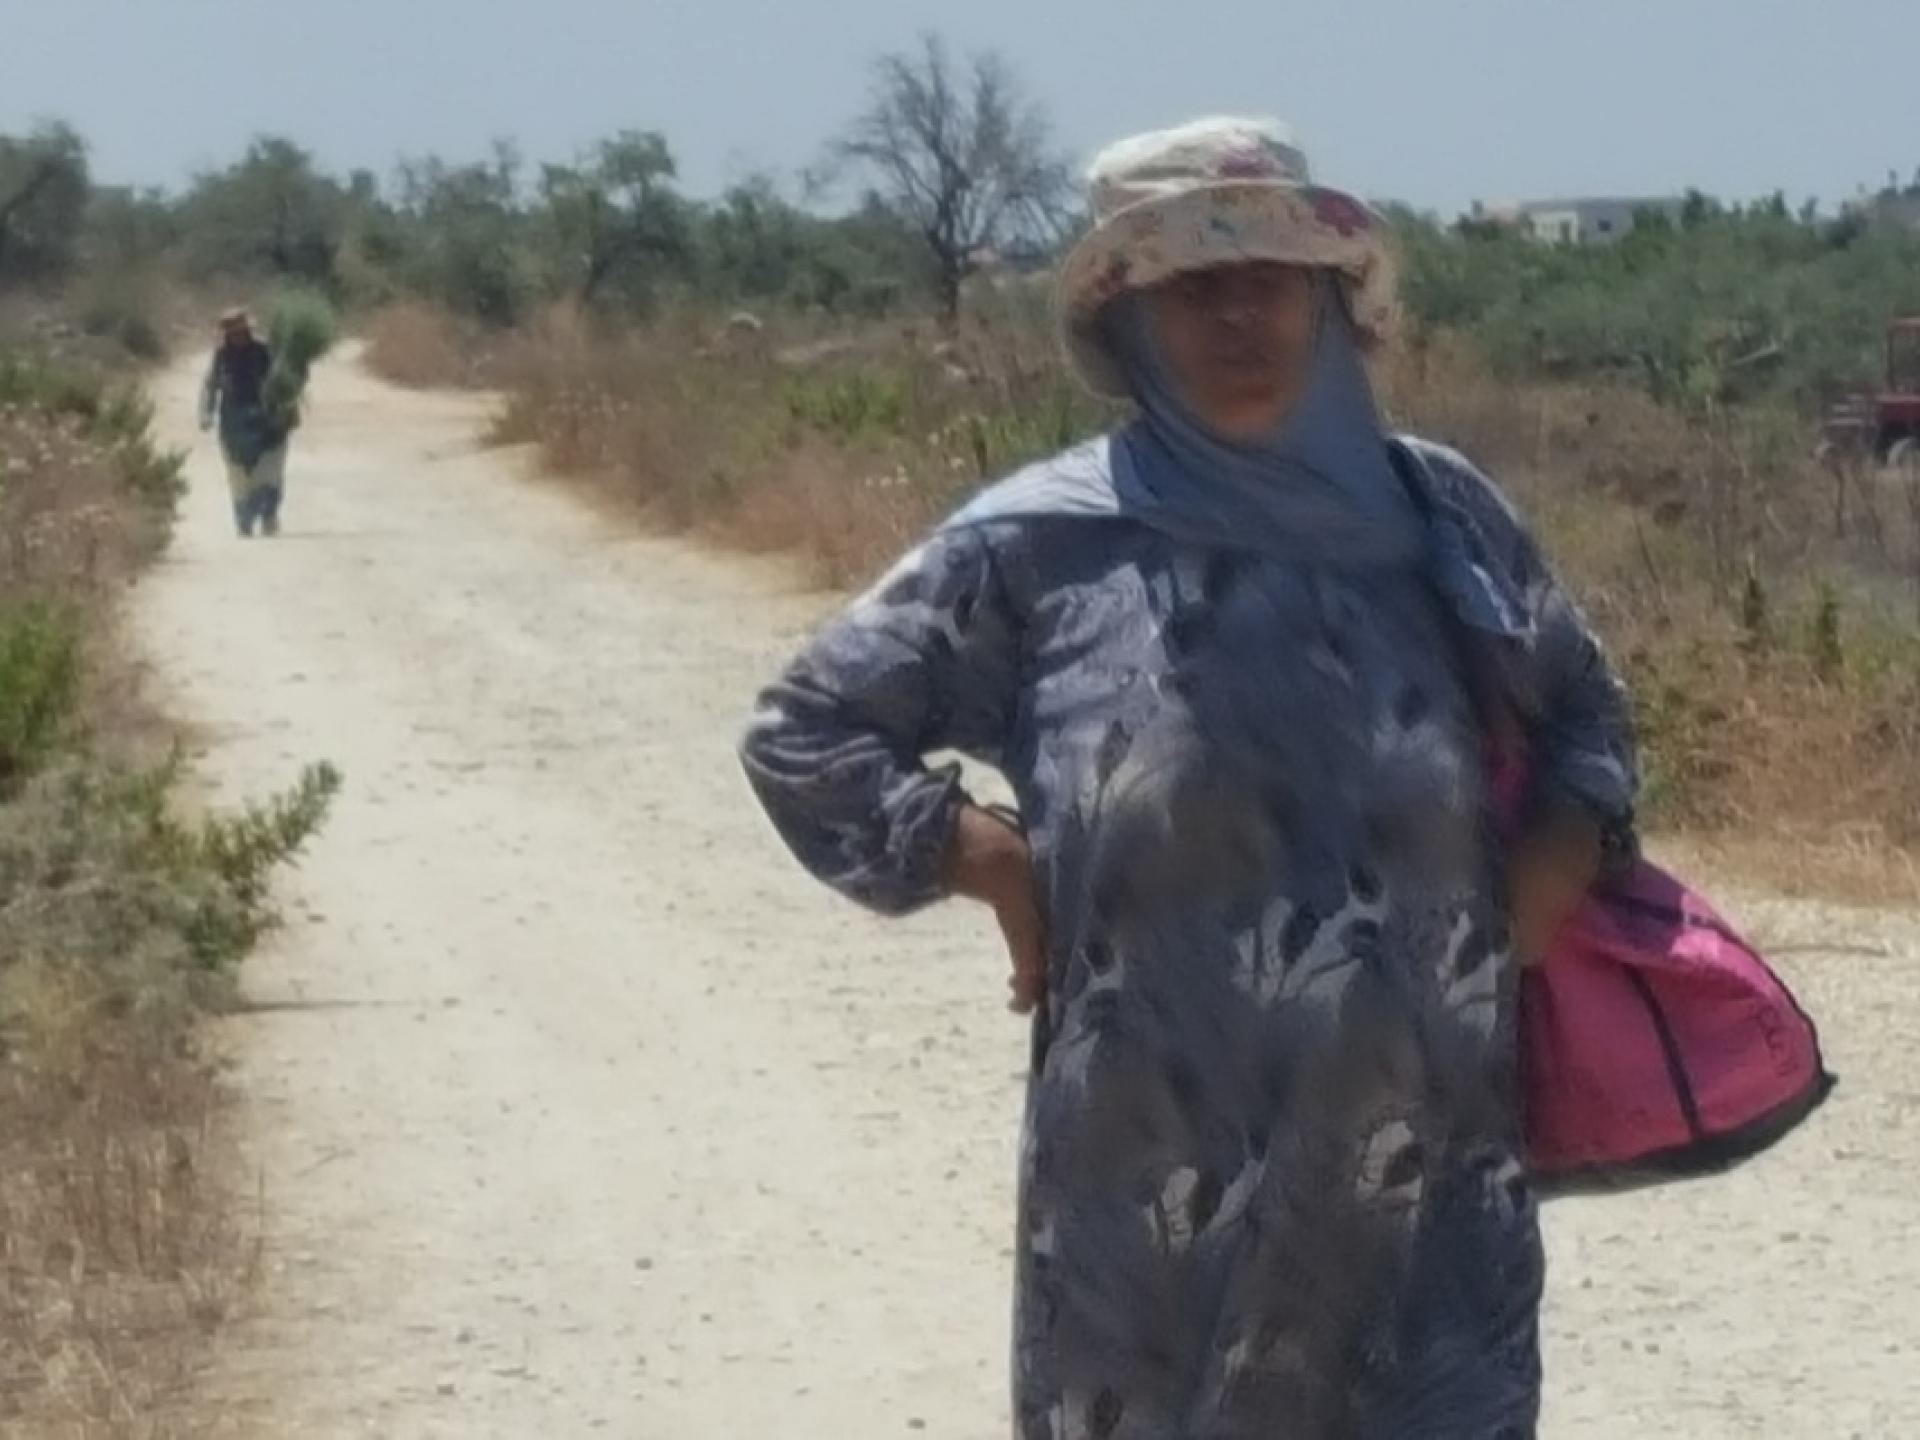 A Palestinian woman farmer